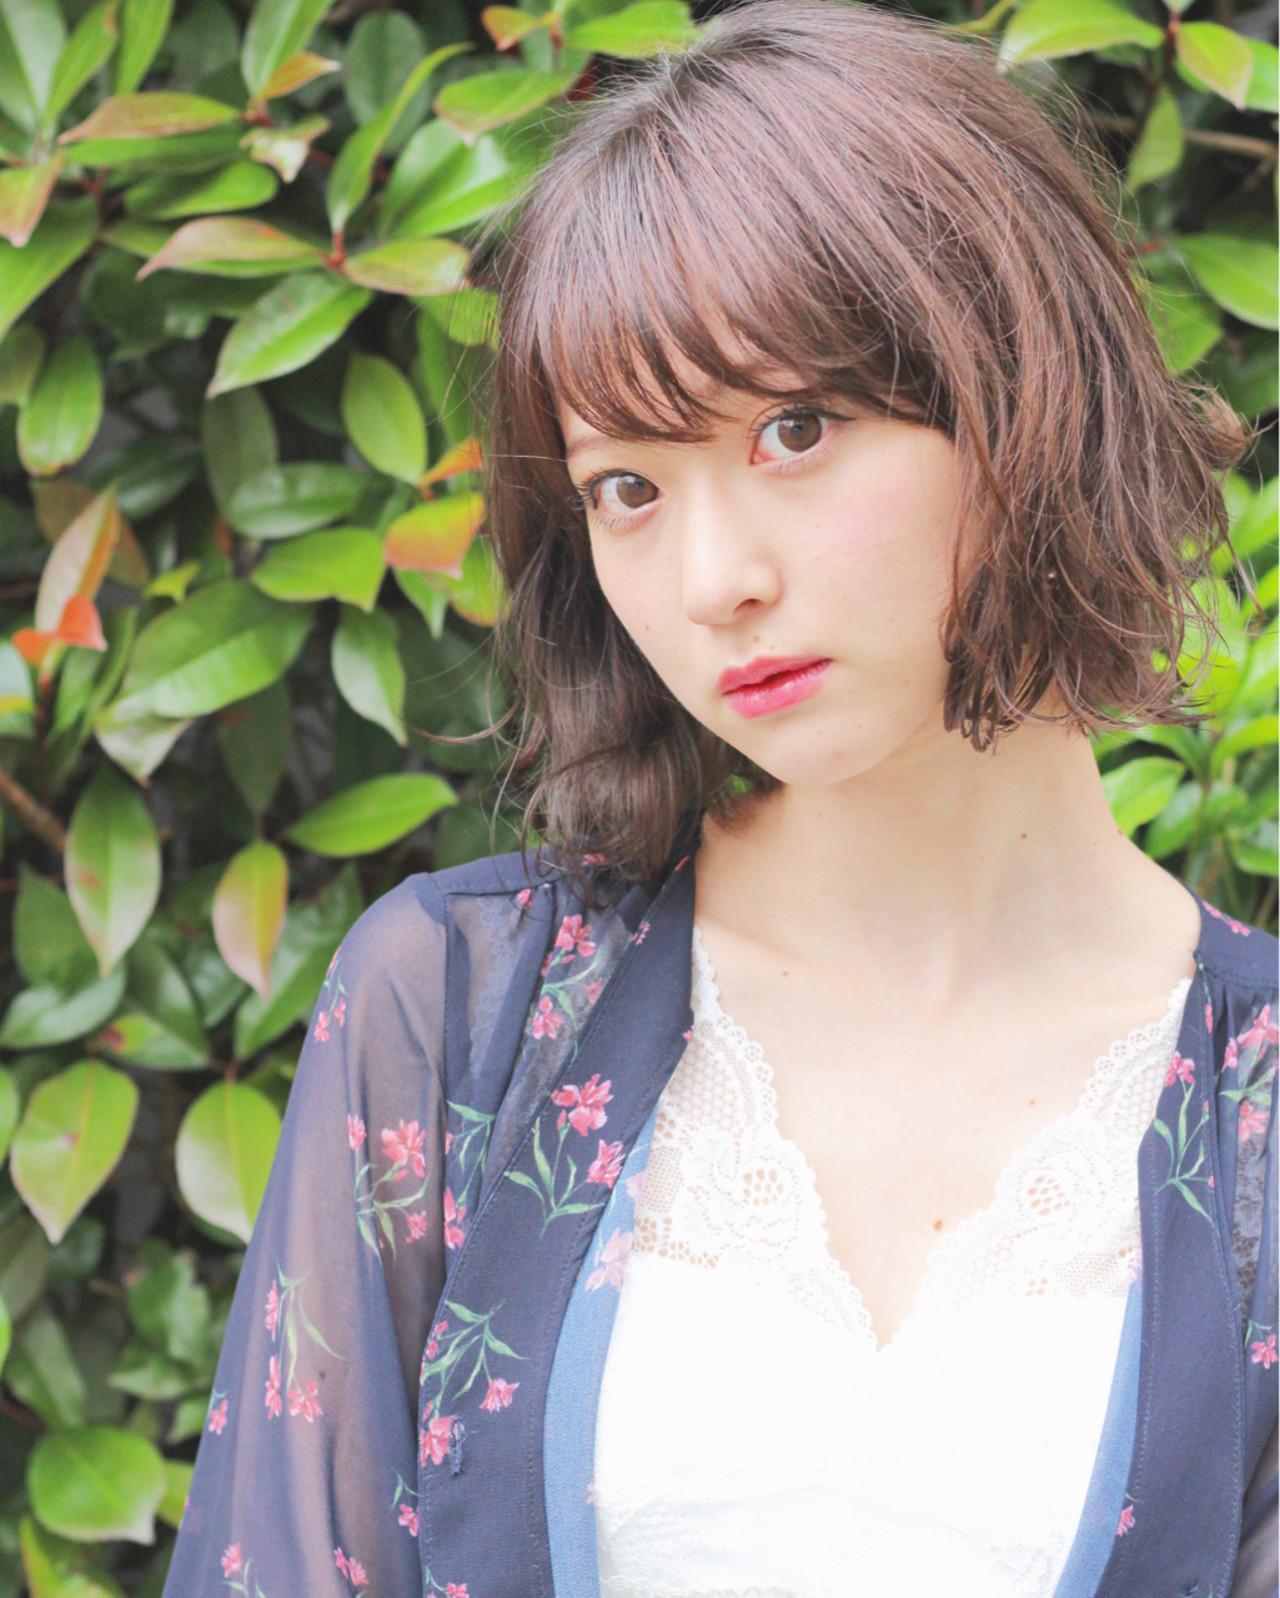 ボブ デート 女子会 ナチュラル ヘアスタイルや髪型の写真・画像 | Wataru Maeda / cache cache